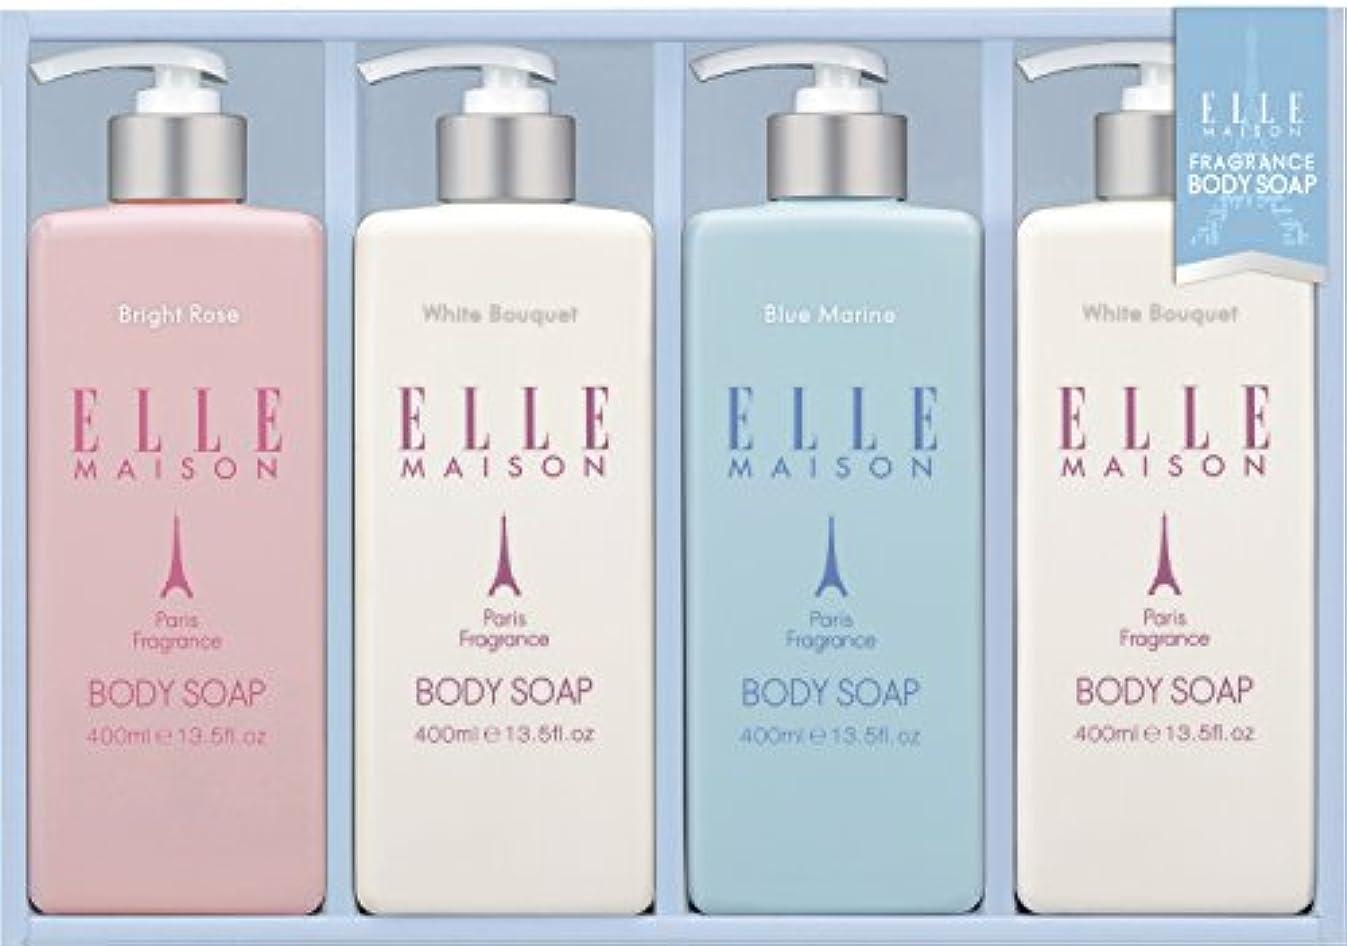 適合ブランド続ける熊野油脂 ギフト ELLE MAISONボディソープギフト EBS-20